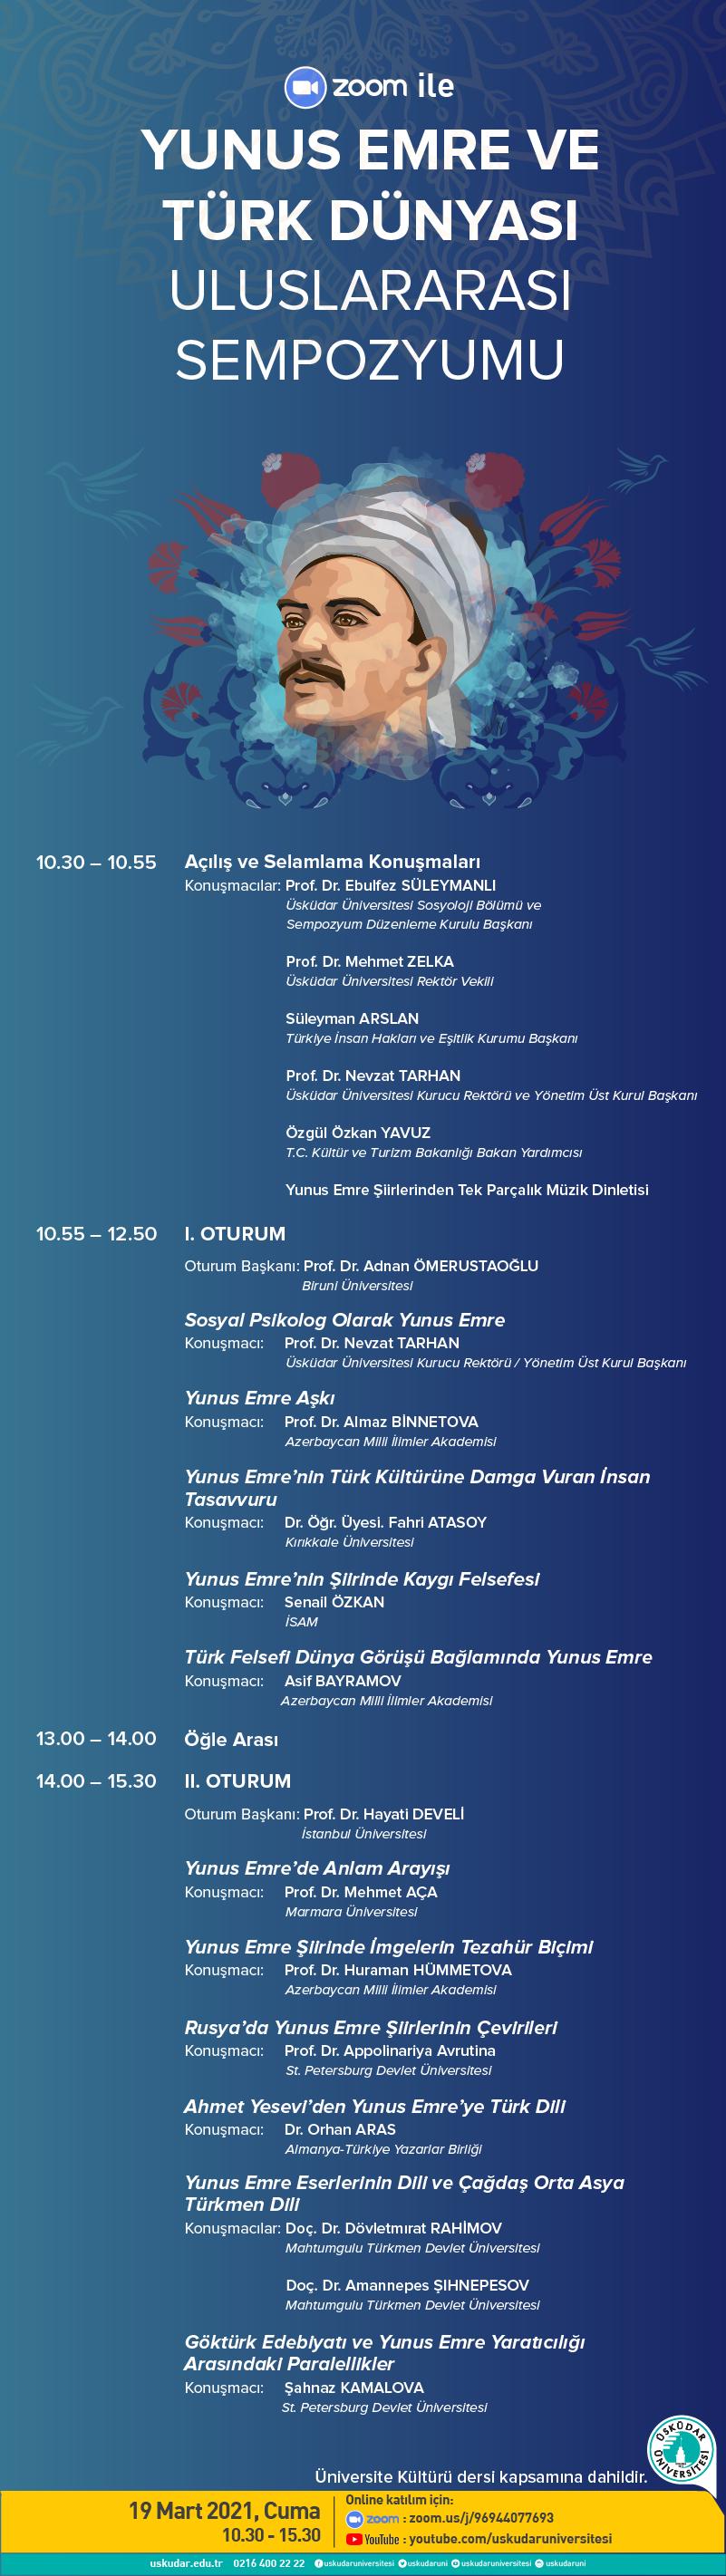 Yunus Emre ve Türk Dünyası Sempozyumu